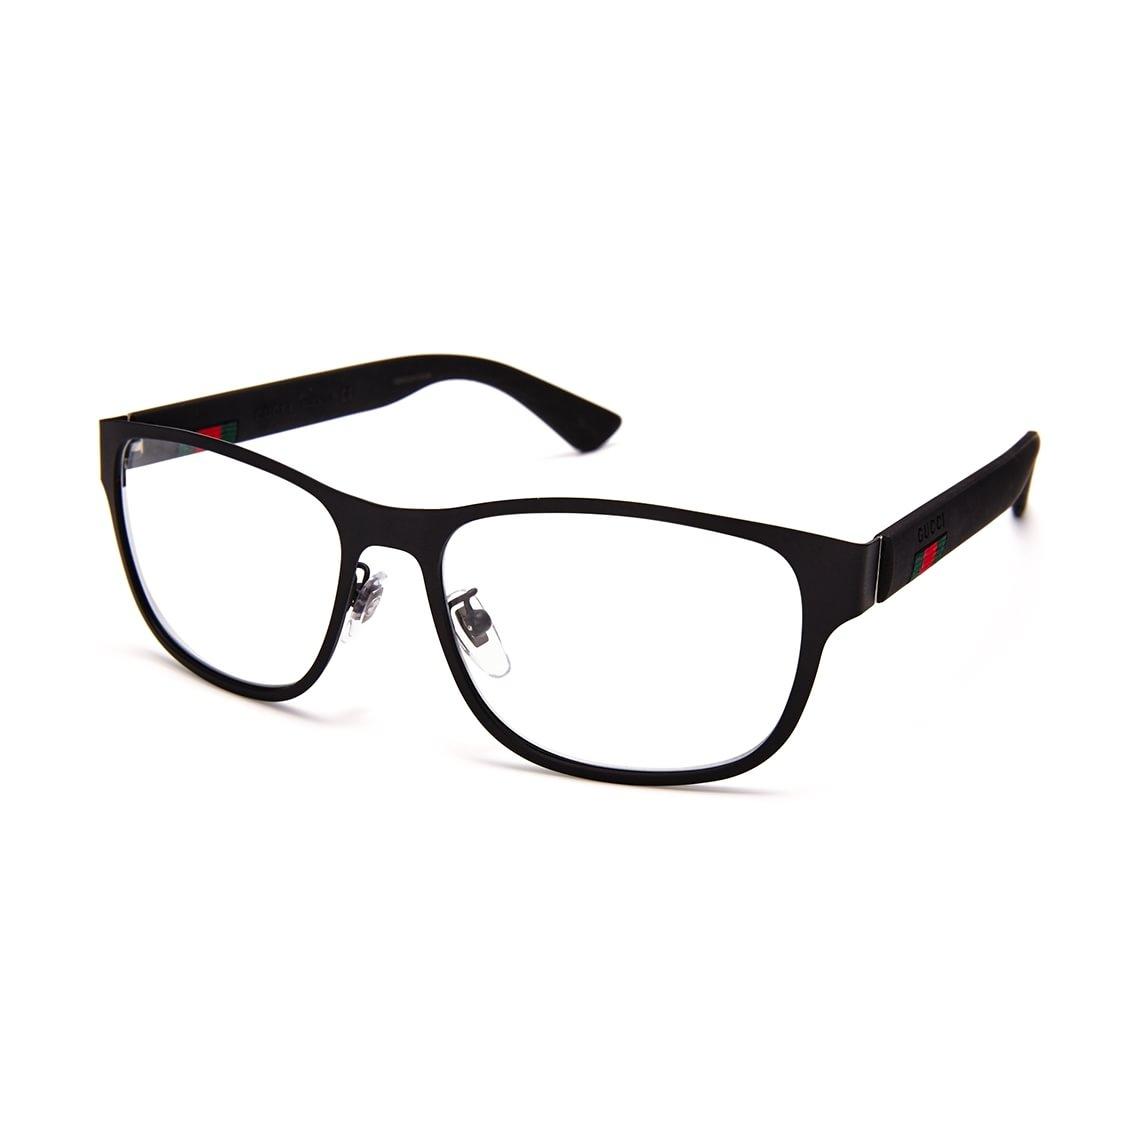 76f5825d8267 Gucci GG 0013O 001 5516 - Profil Optik